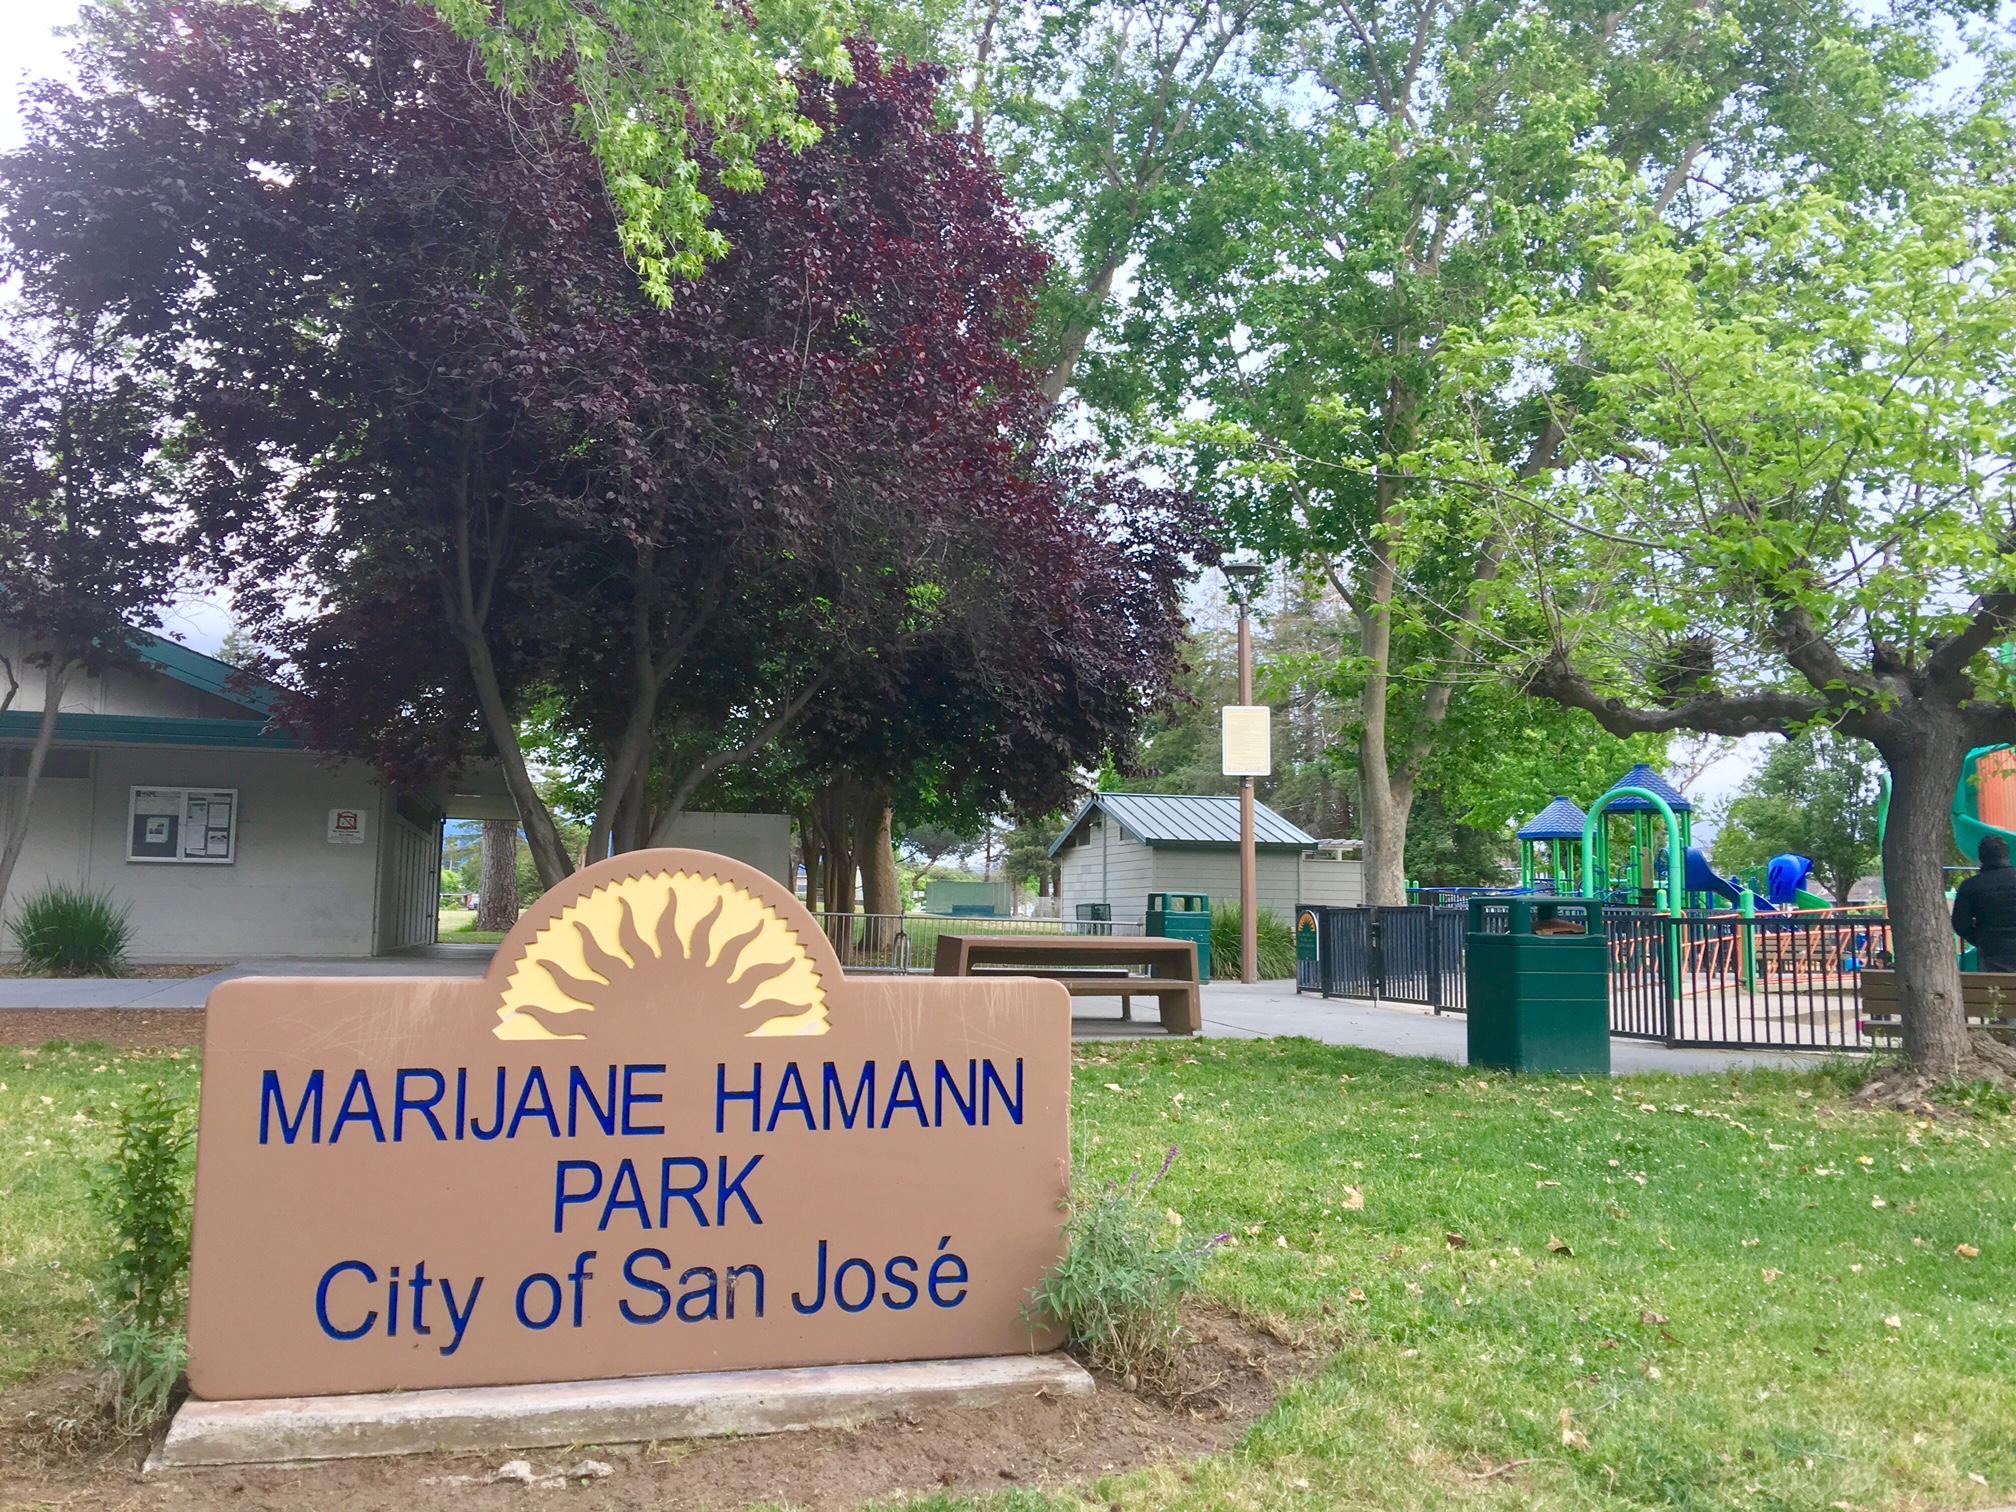 HamannPark.jpg